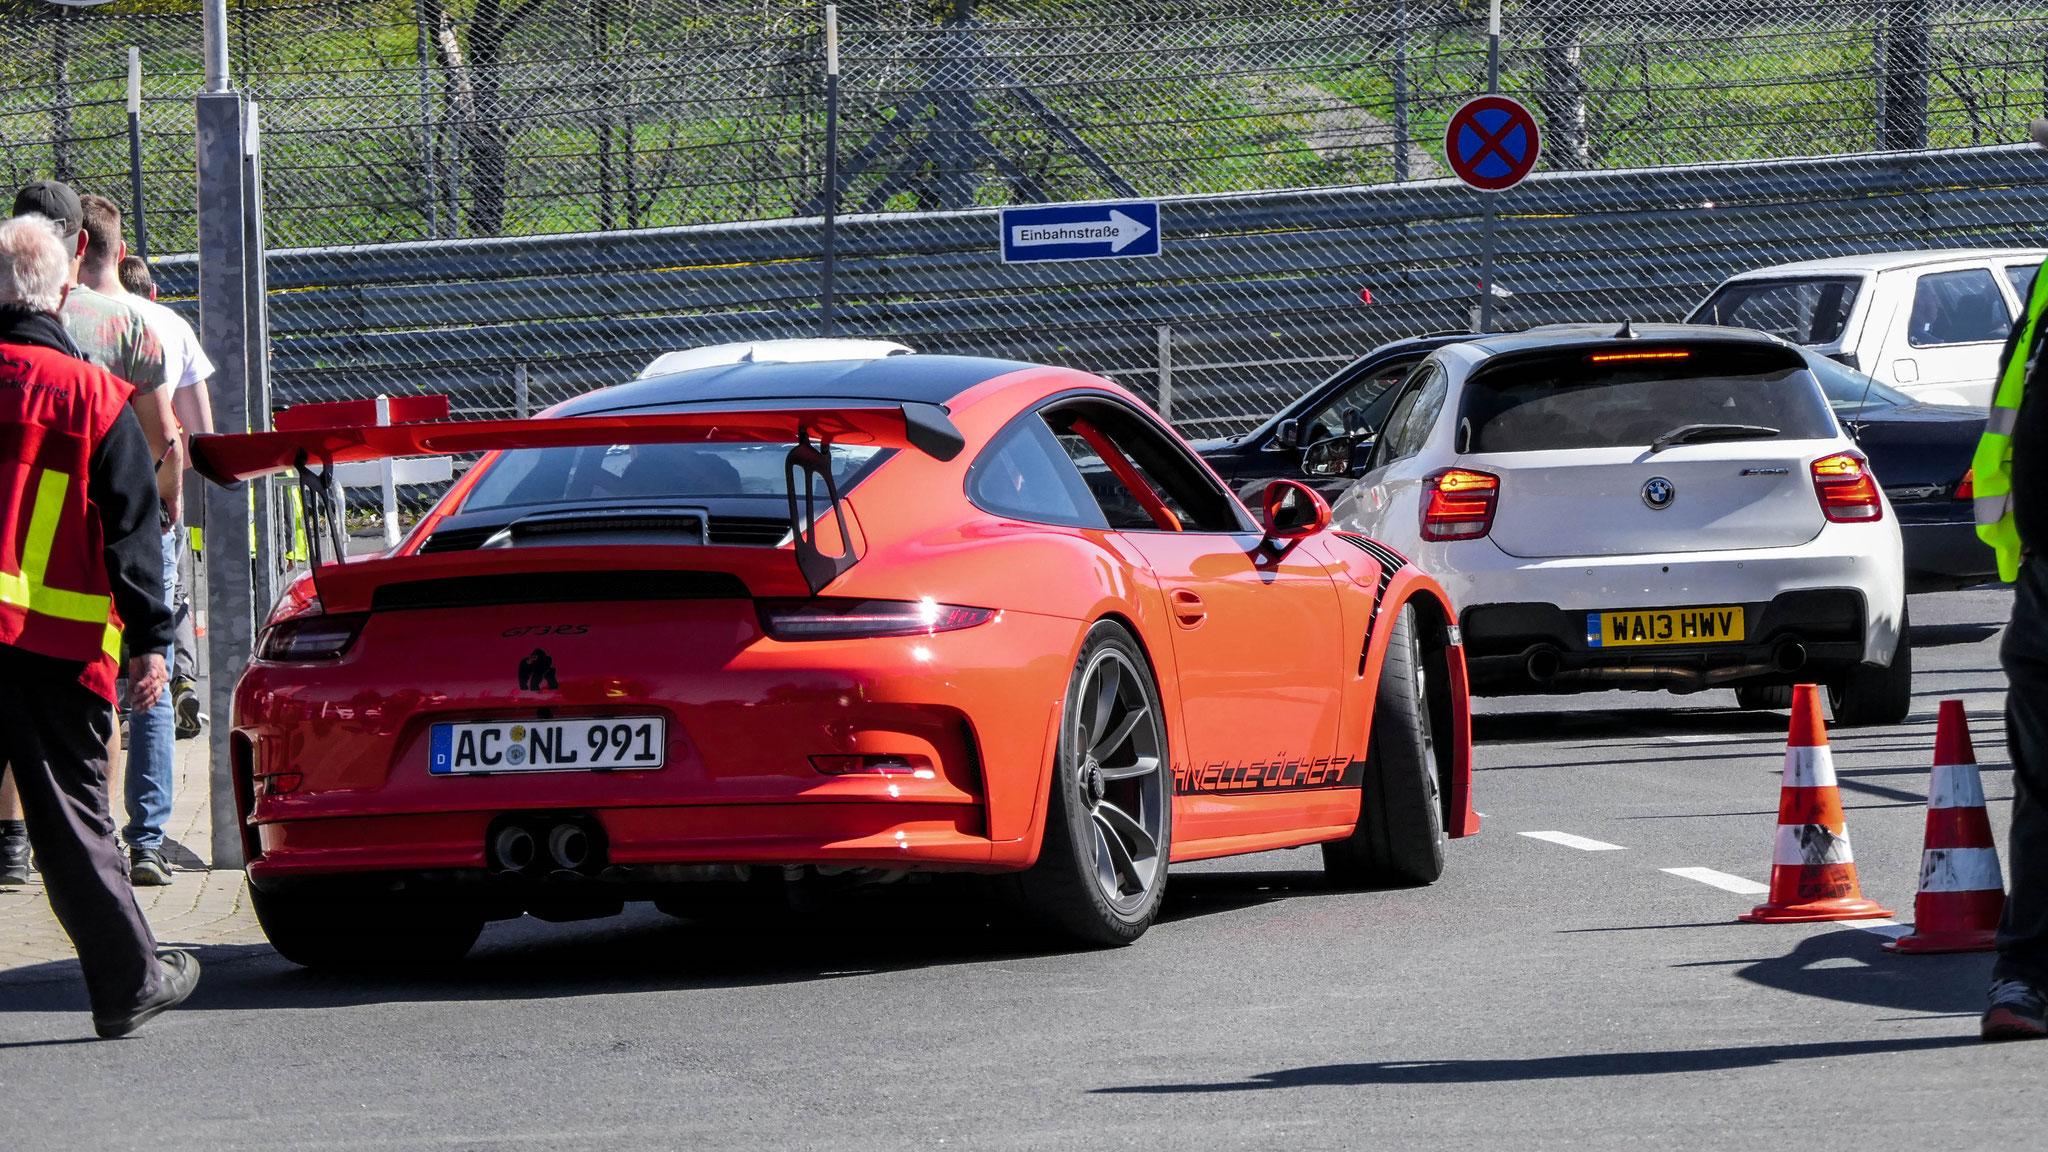 Porsche 911 GT3 RS - AC-NL-991